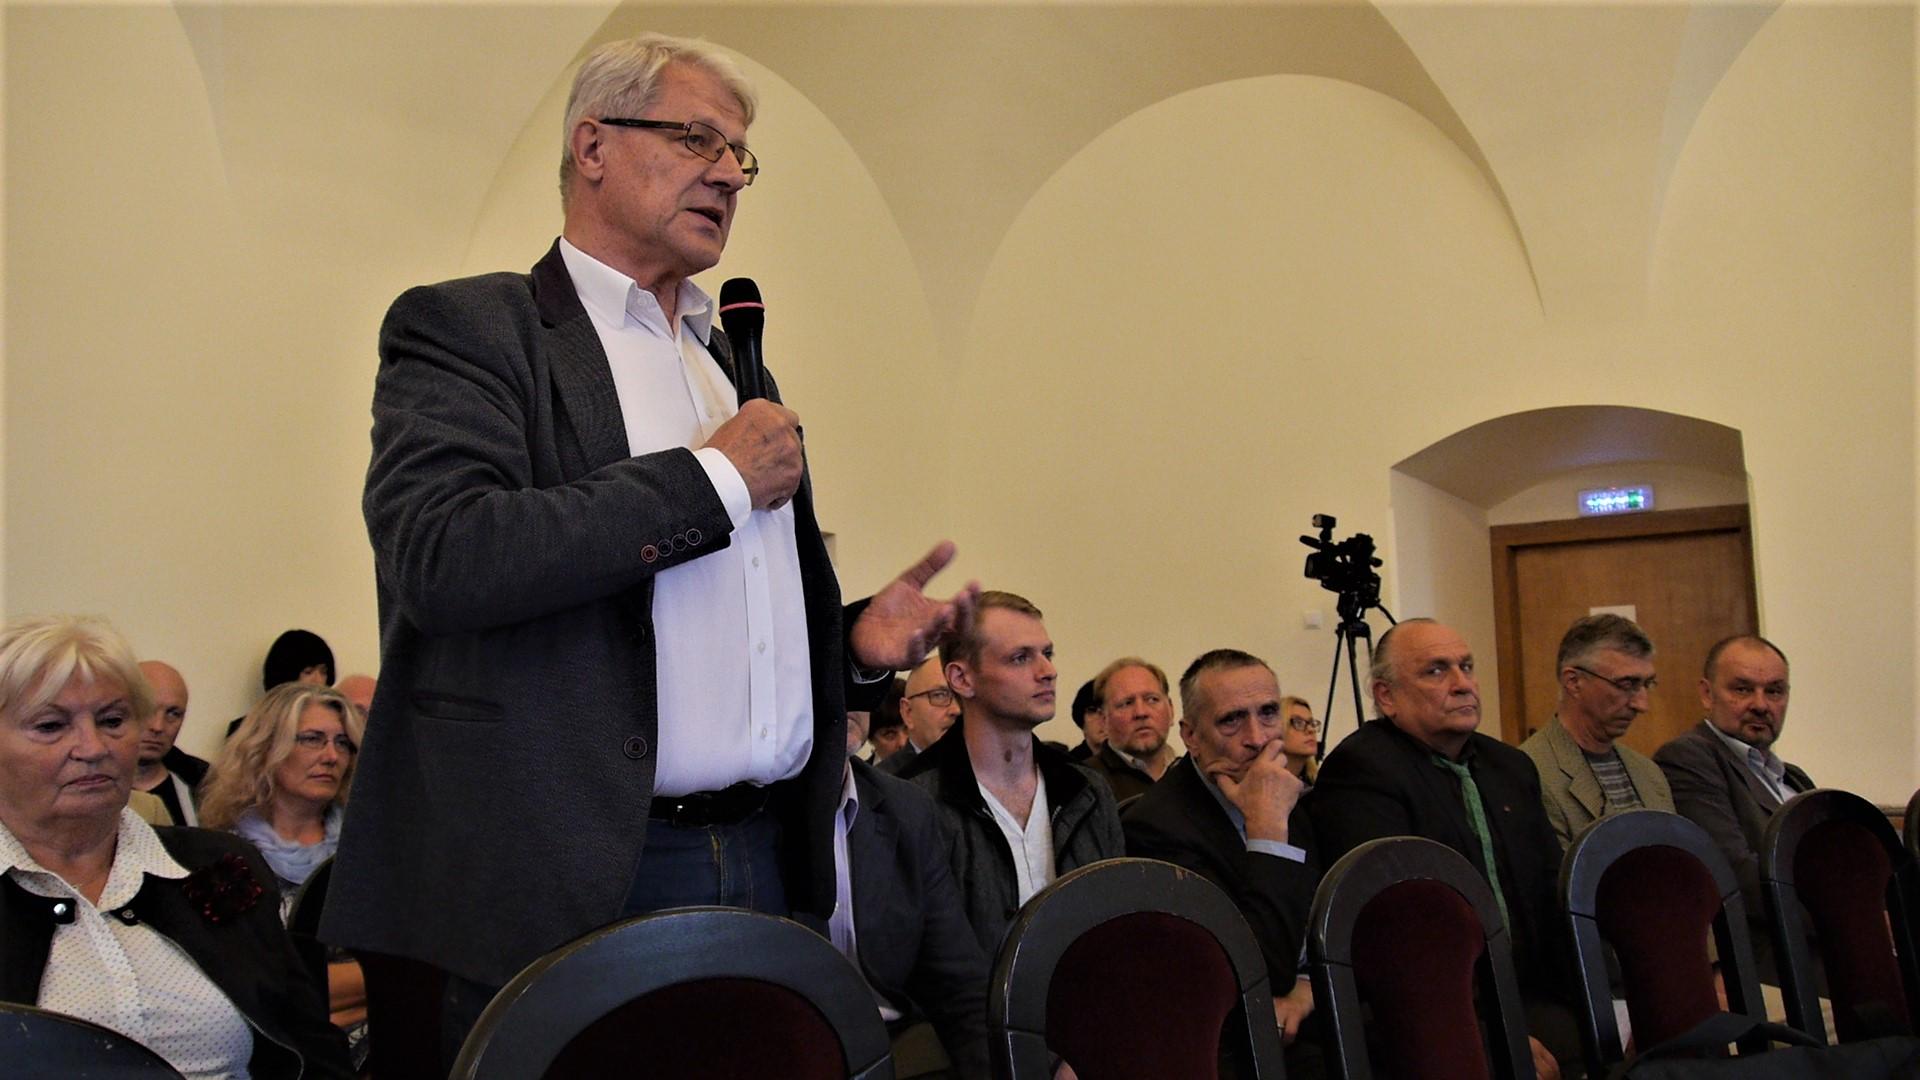 Arvydas Juozaitis Biržų pilyje paskelbė apie apsisprendimą kandidatuoti į Prezidento postą | Alkas.lt, J.Vaiškūno nuotr.